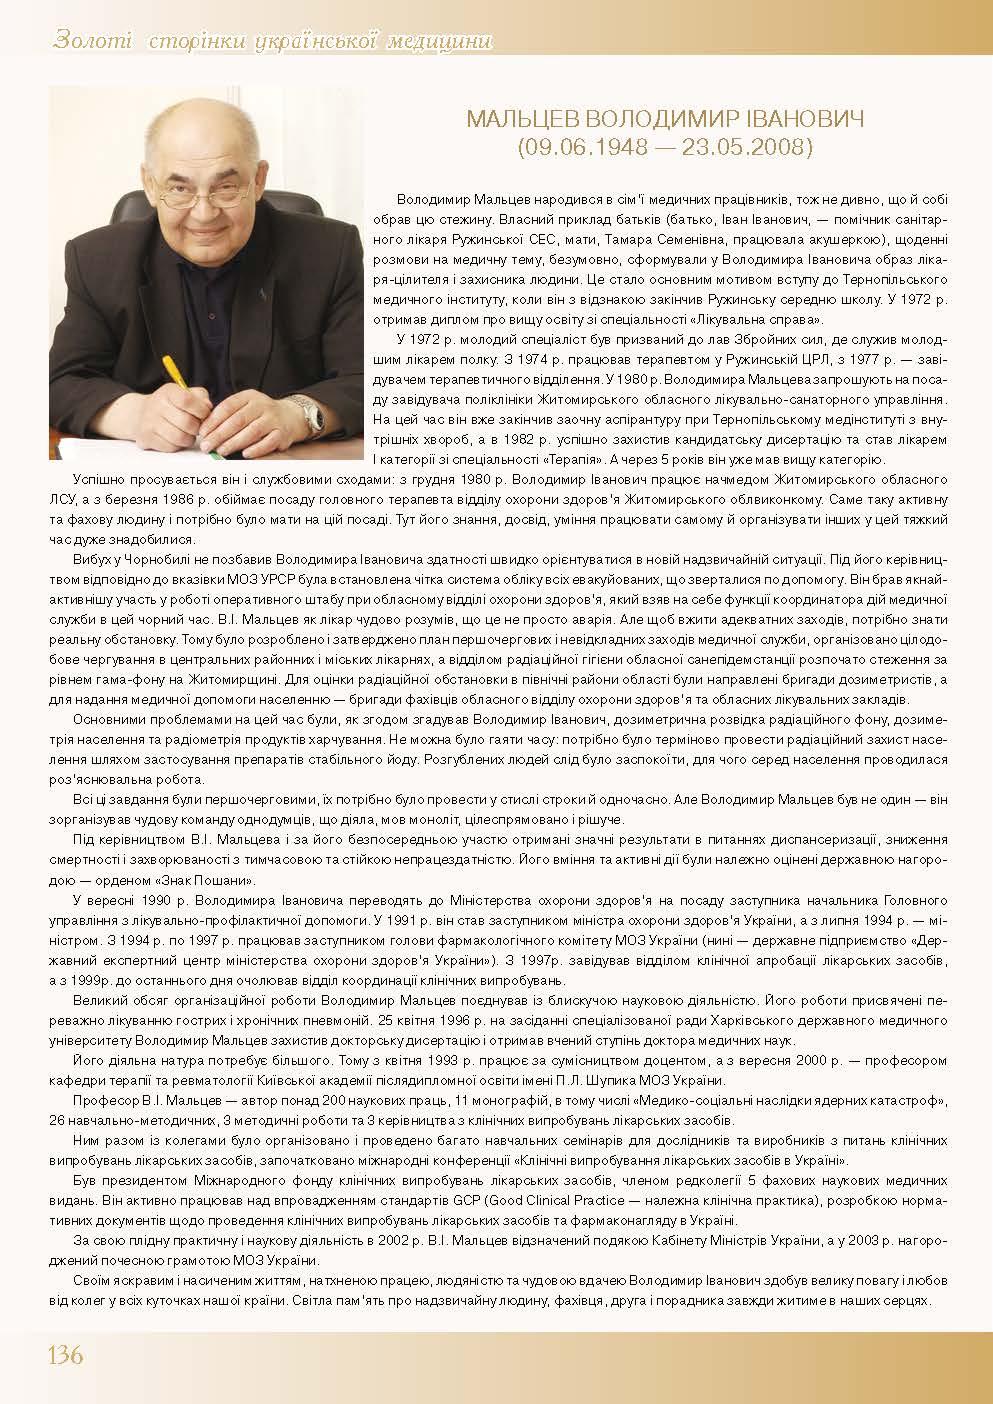 Мальцев Володимир Іванович